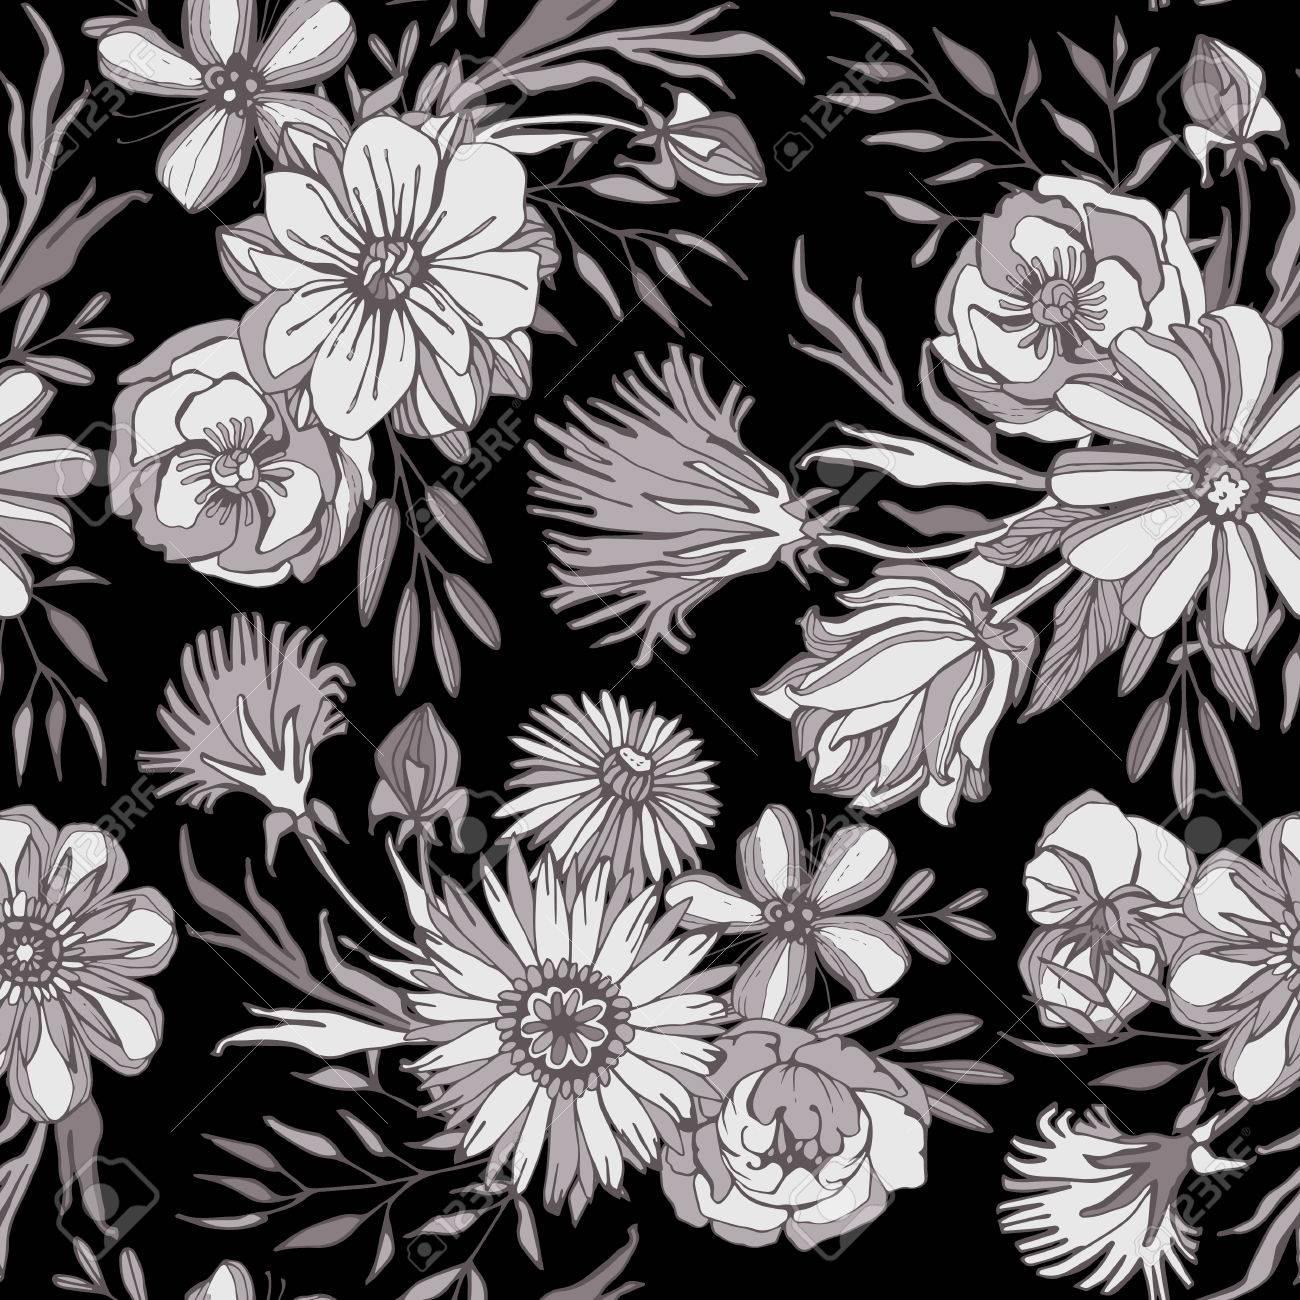 シームレスな花柄 モノクロの色 美しいエレガントな花と葉 手で描かれています Web ページの背景テクスチャ パターンの塗りつぶし壁紙に最適です のイラスト素材 ベクタ Image